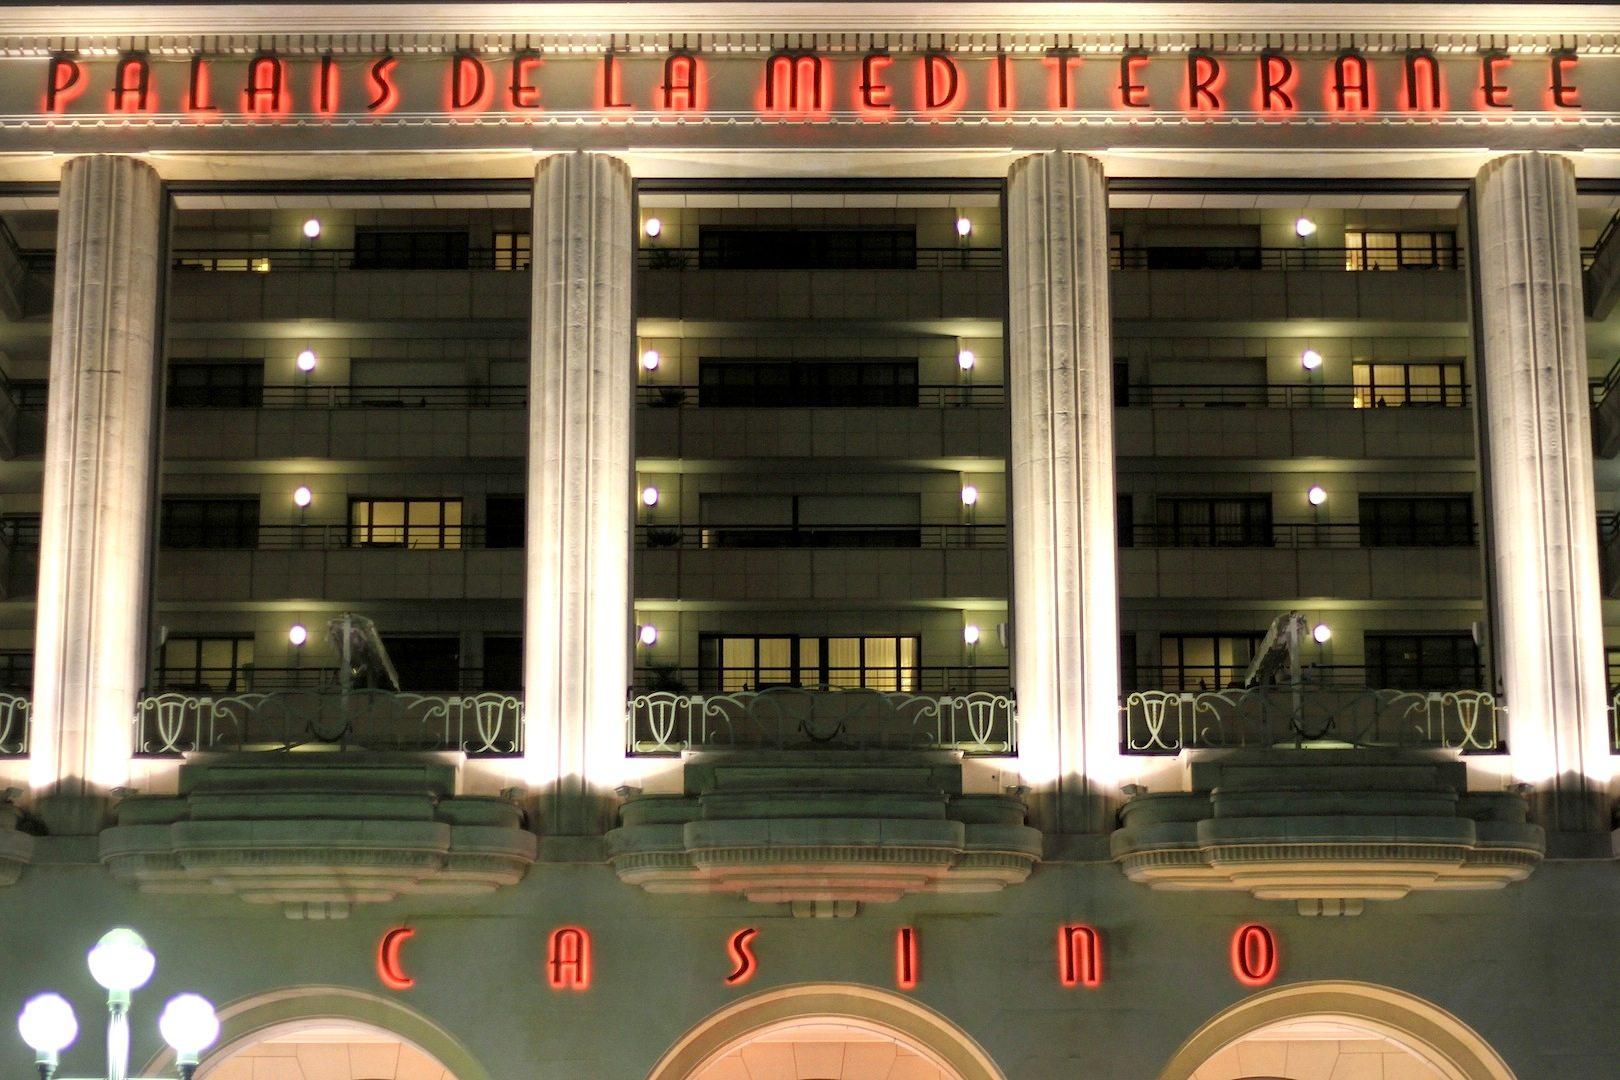 Palais de la Méditerranée. Fünfsternehotel, gehört zu Hyatt Regency, Nizza